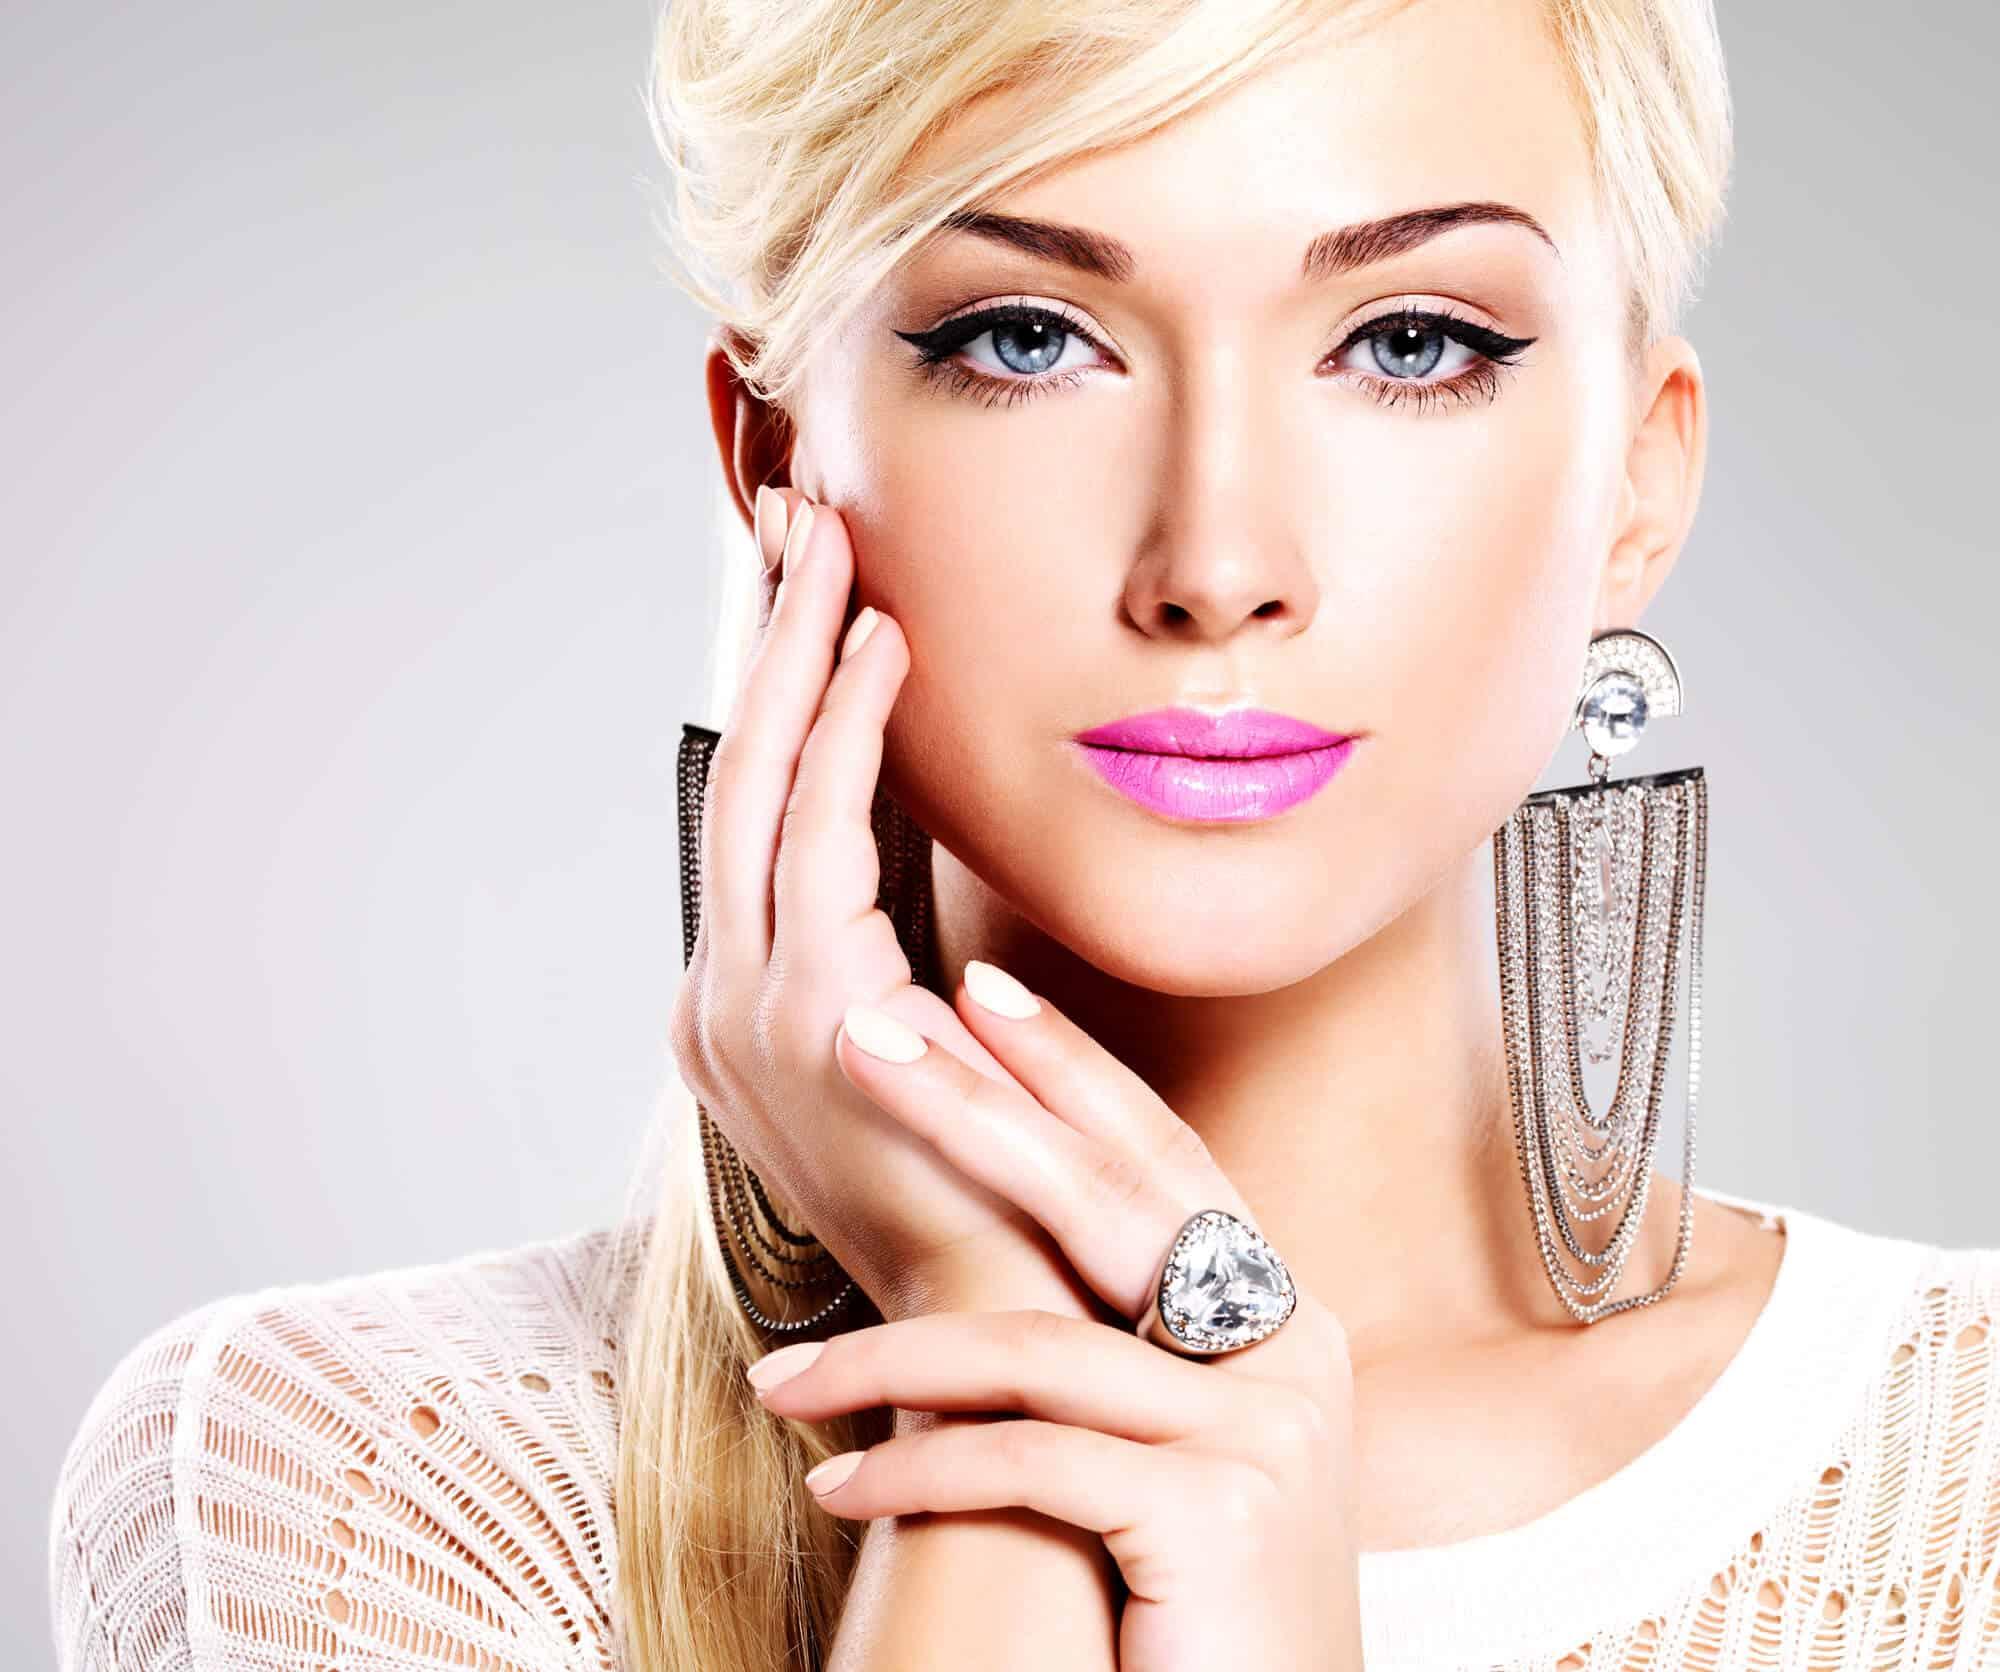 Large over sized Earrings - Single Earring